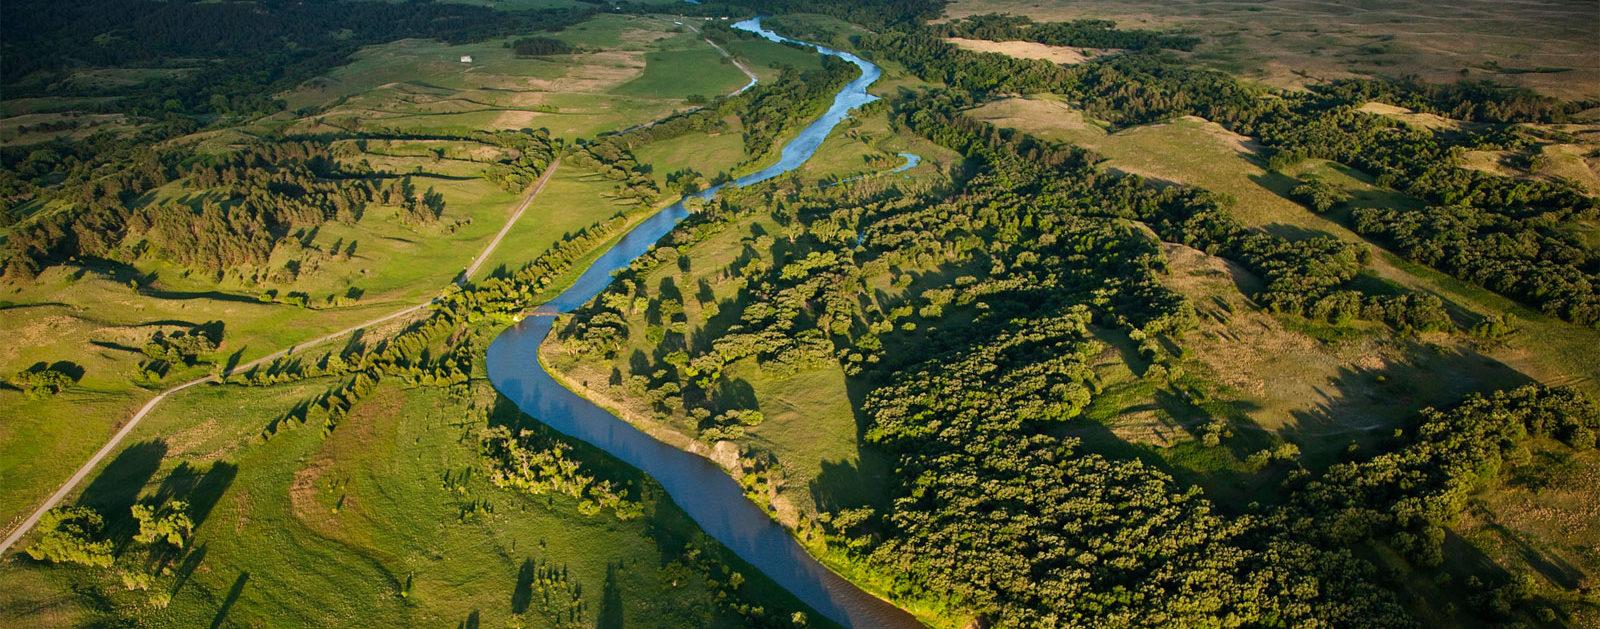 Niobrara River in Nebraska